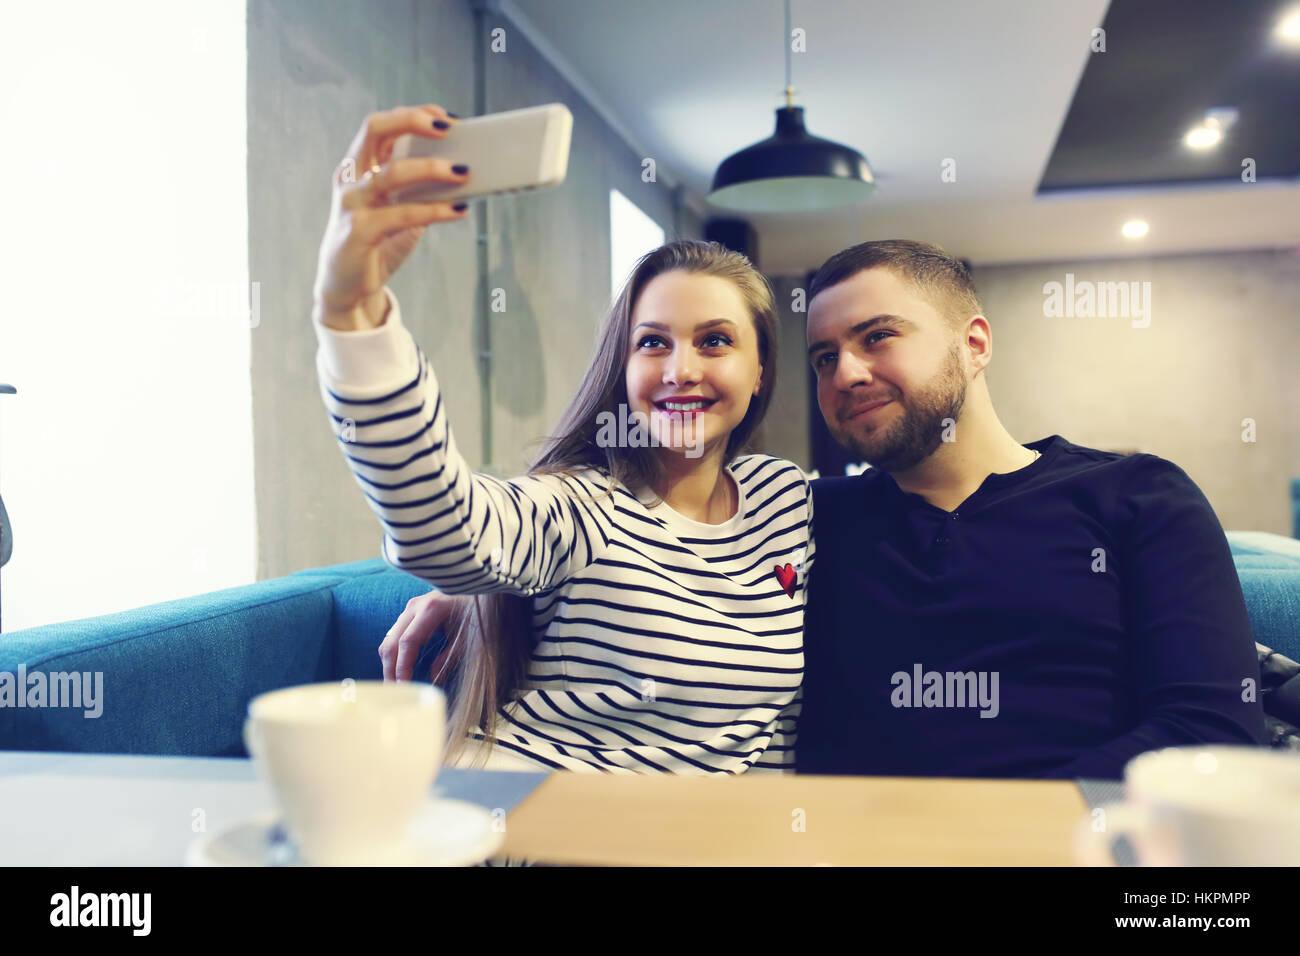 glückliches junges Paar mit Smartphone unter Selfie im Café im Einkaufszentrum. Verkauf, Einkaufen, Konsum, Stockbild